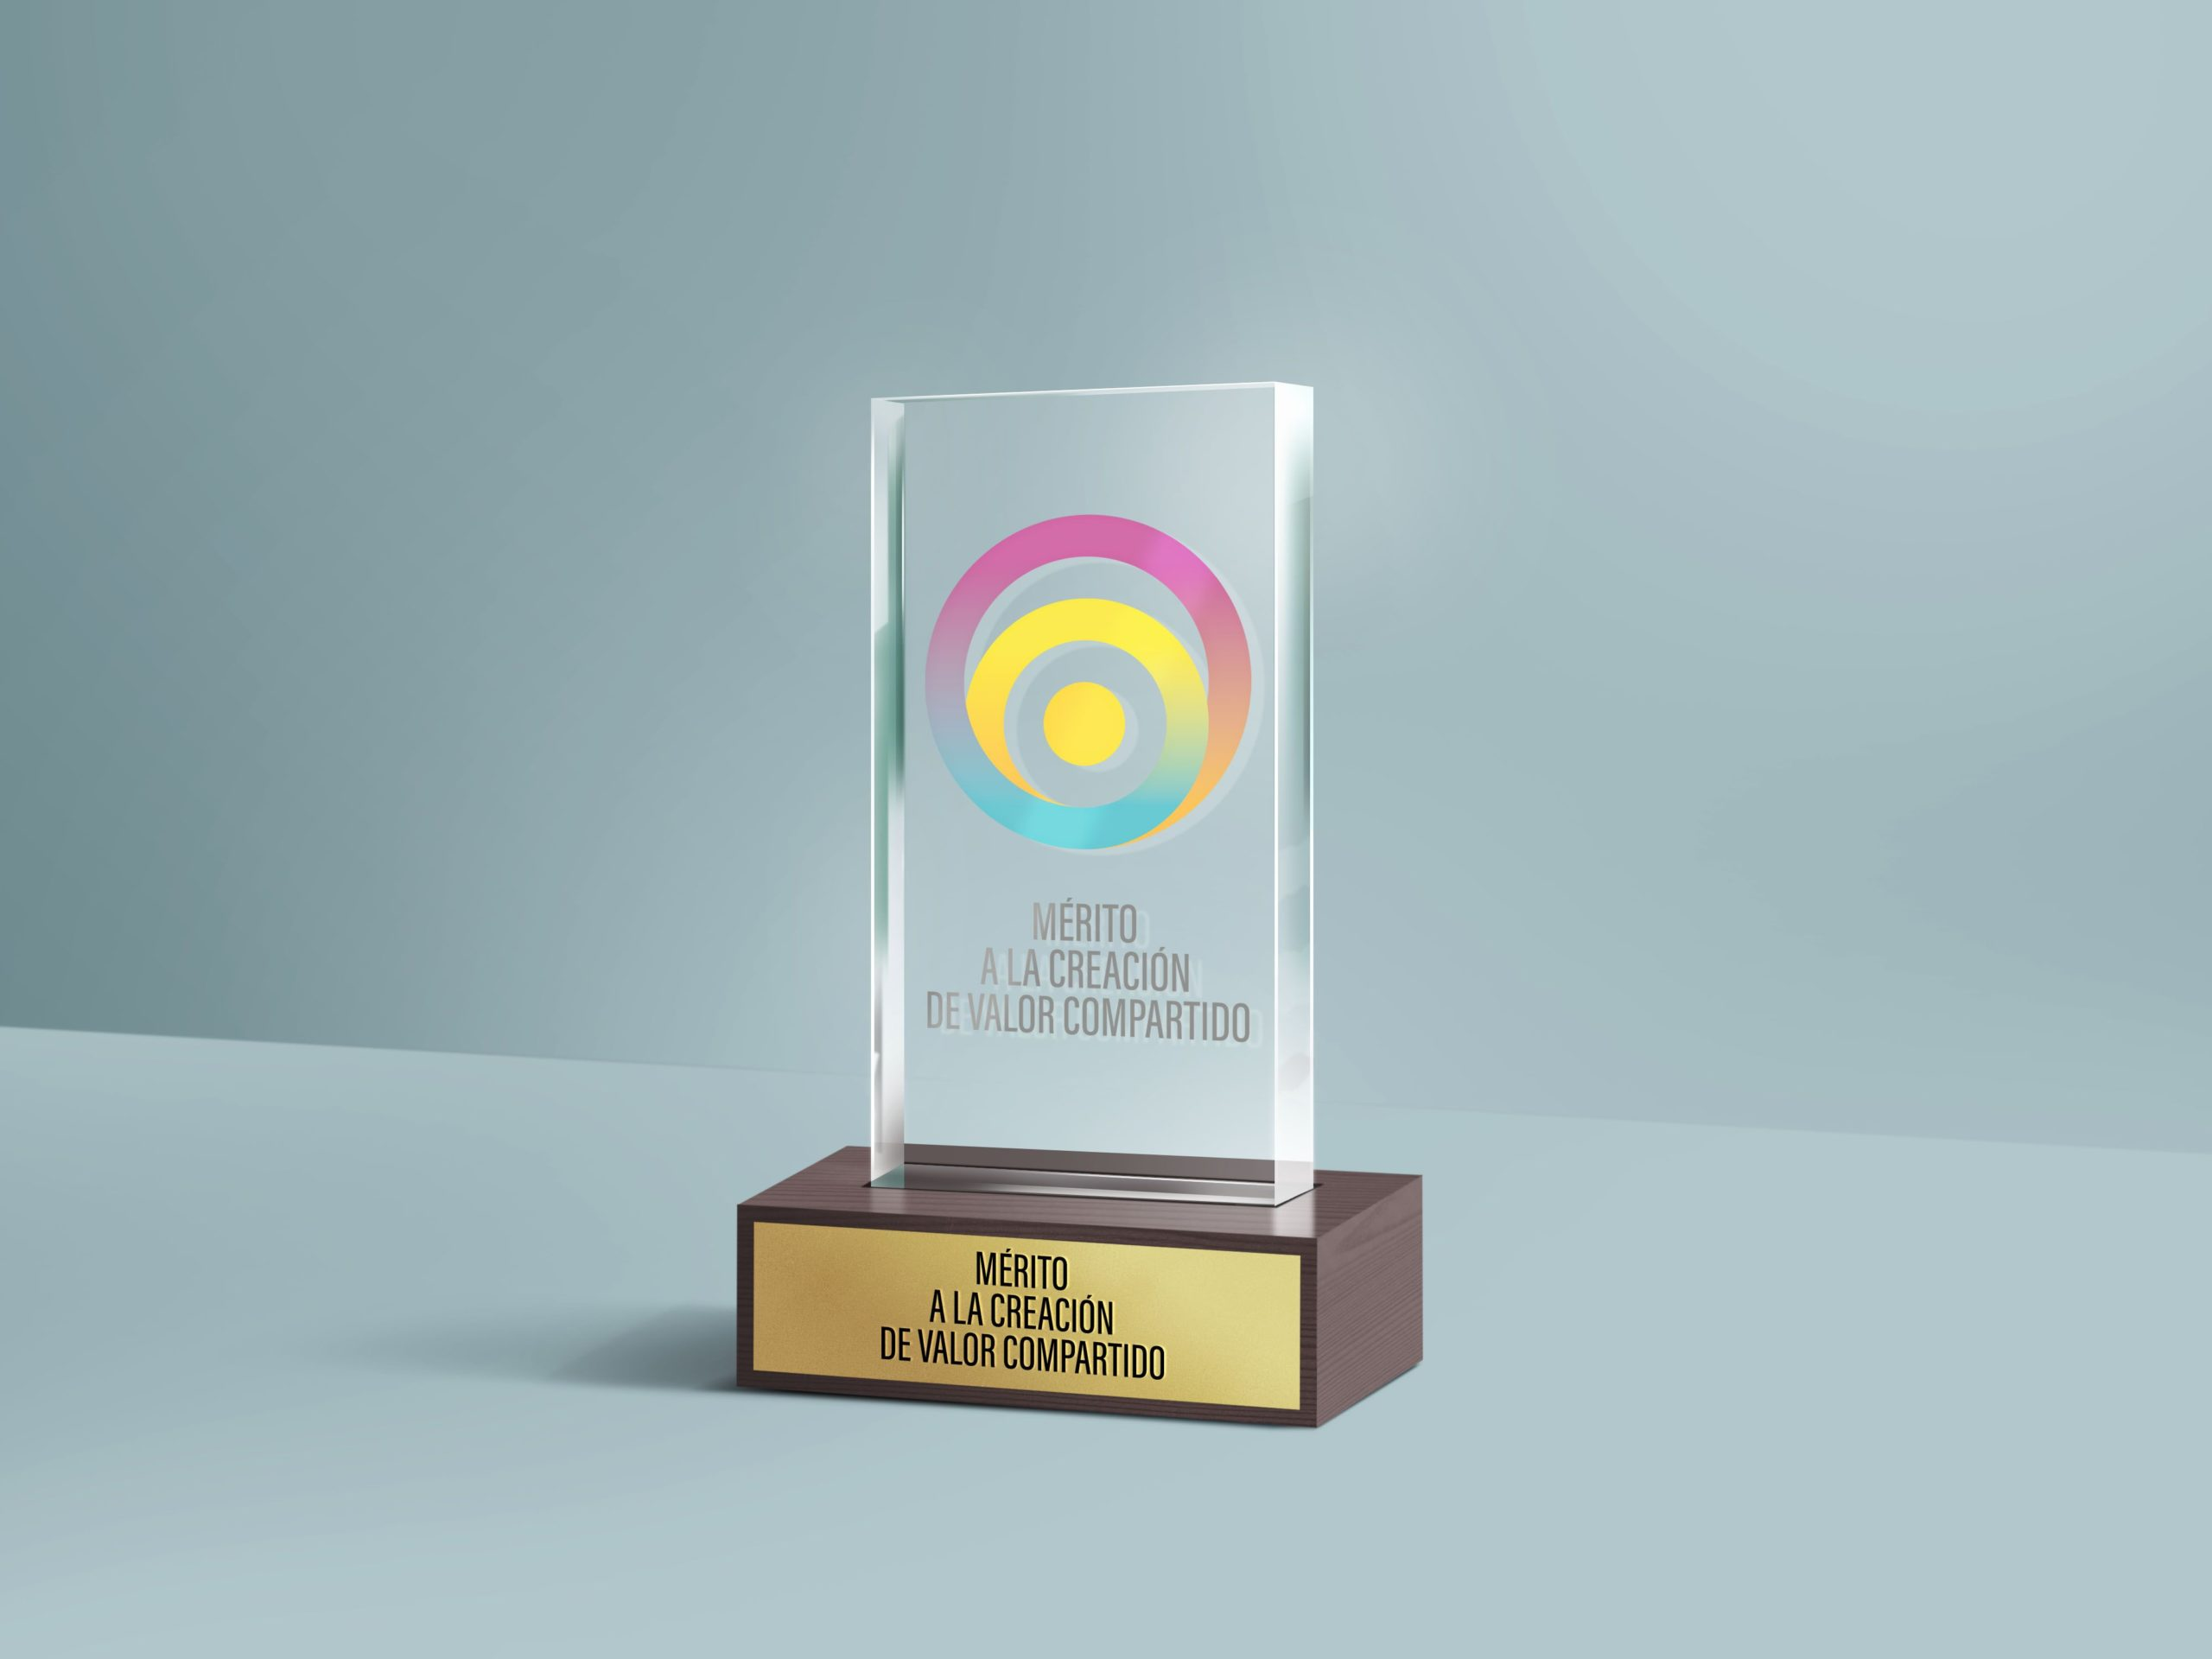 El IIVC concede a Alares y Fundación Diversidad el Sello del Mérito a la Creación de Valor Compartido